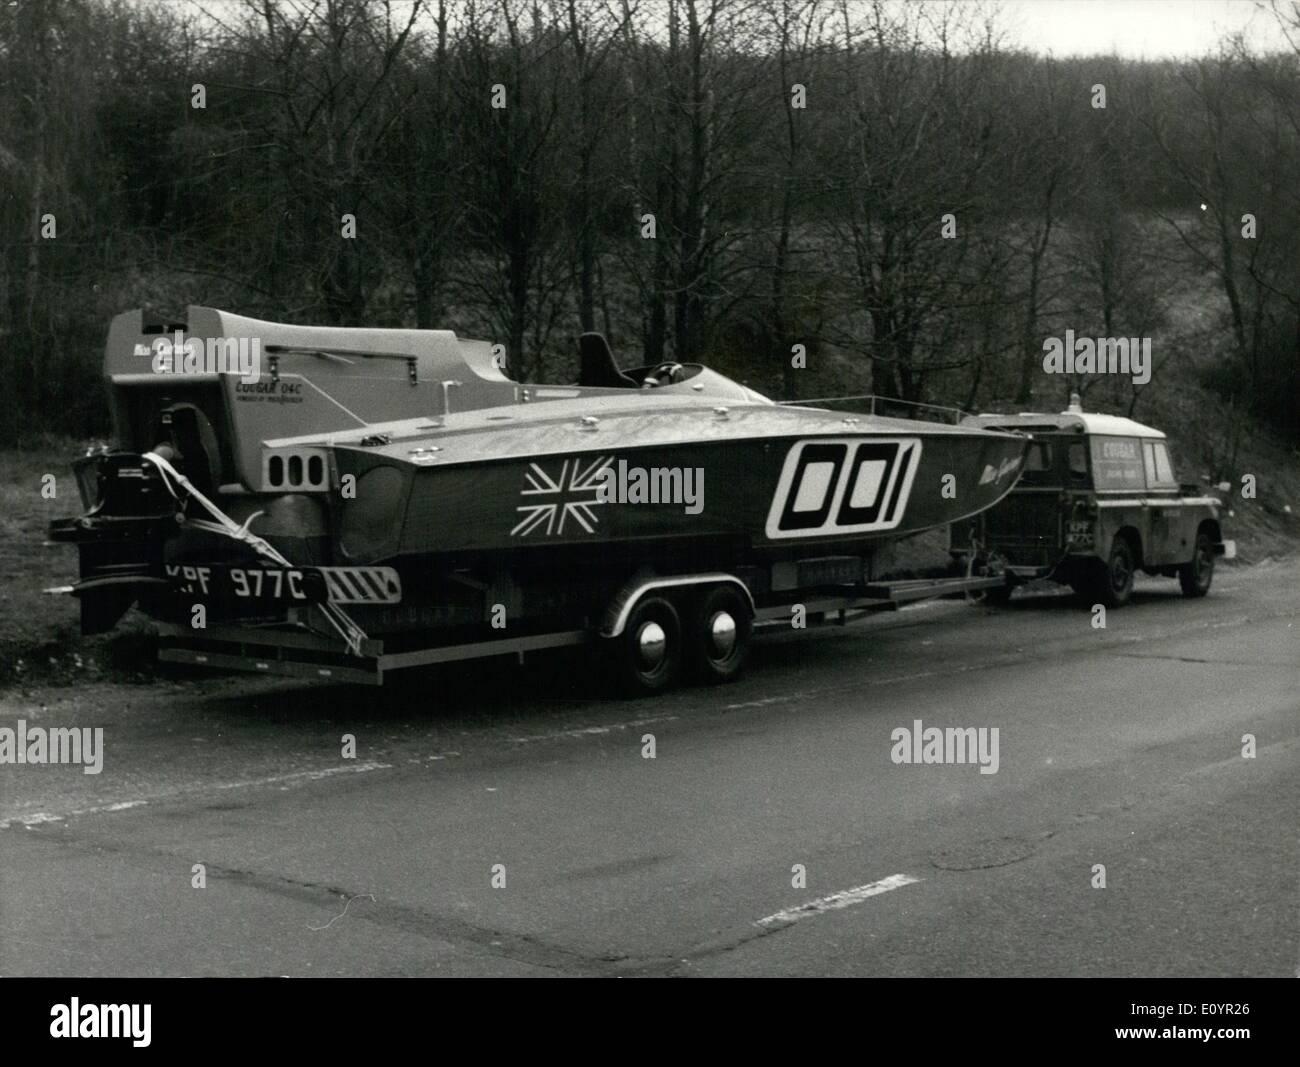 Mar 03, 1971 - ''Miss Guernsey'' Catamarano ha World-Title ritmo.: ''Miss Guernsey'', un bizzarro nuovo catamarano alimentato da un singolo otto litri di American Mercruiser motore entrobordo e unità outdrive, ha consegnato ieri a Guernsey imprenditore Colin banche, rappresentante un audace sfida per l'Offshore Powerboat Piloti Campionato Mondiale. Il galleggiante è nominalmente solo una classe II concorrente, ma potenzialmente perdere Guernsey è il più veloce del mondo Powerboat offshore con un 100 m.p.h. liscio della capacità di acqua Immagini Stock